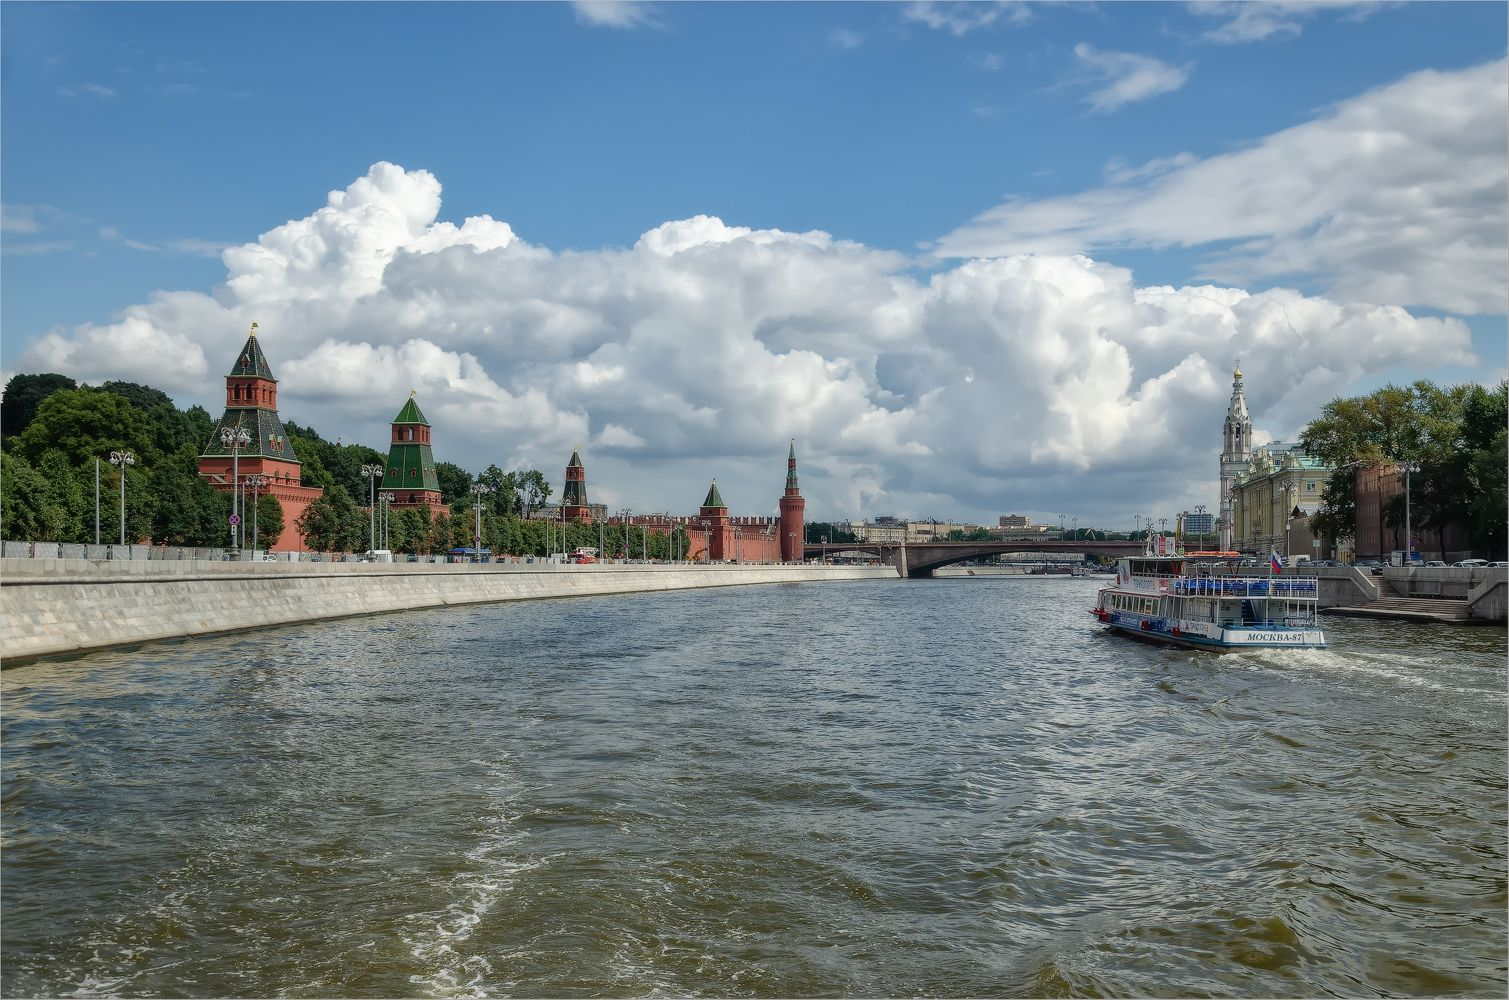 Кремлёвская набережная город Москва архитектура Кремль набережная река лето